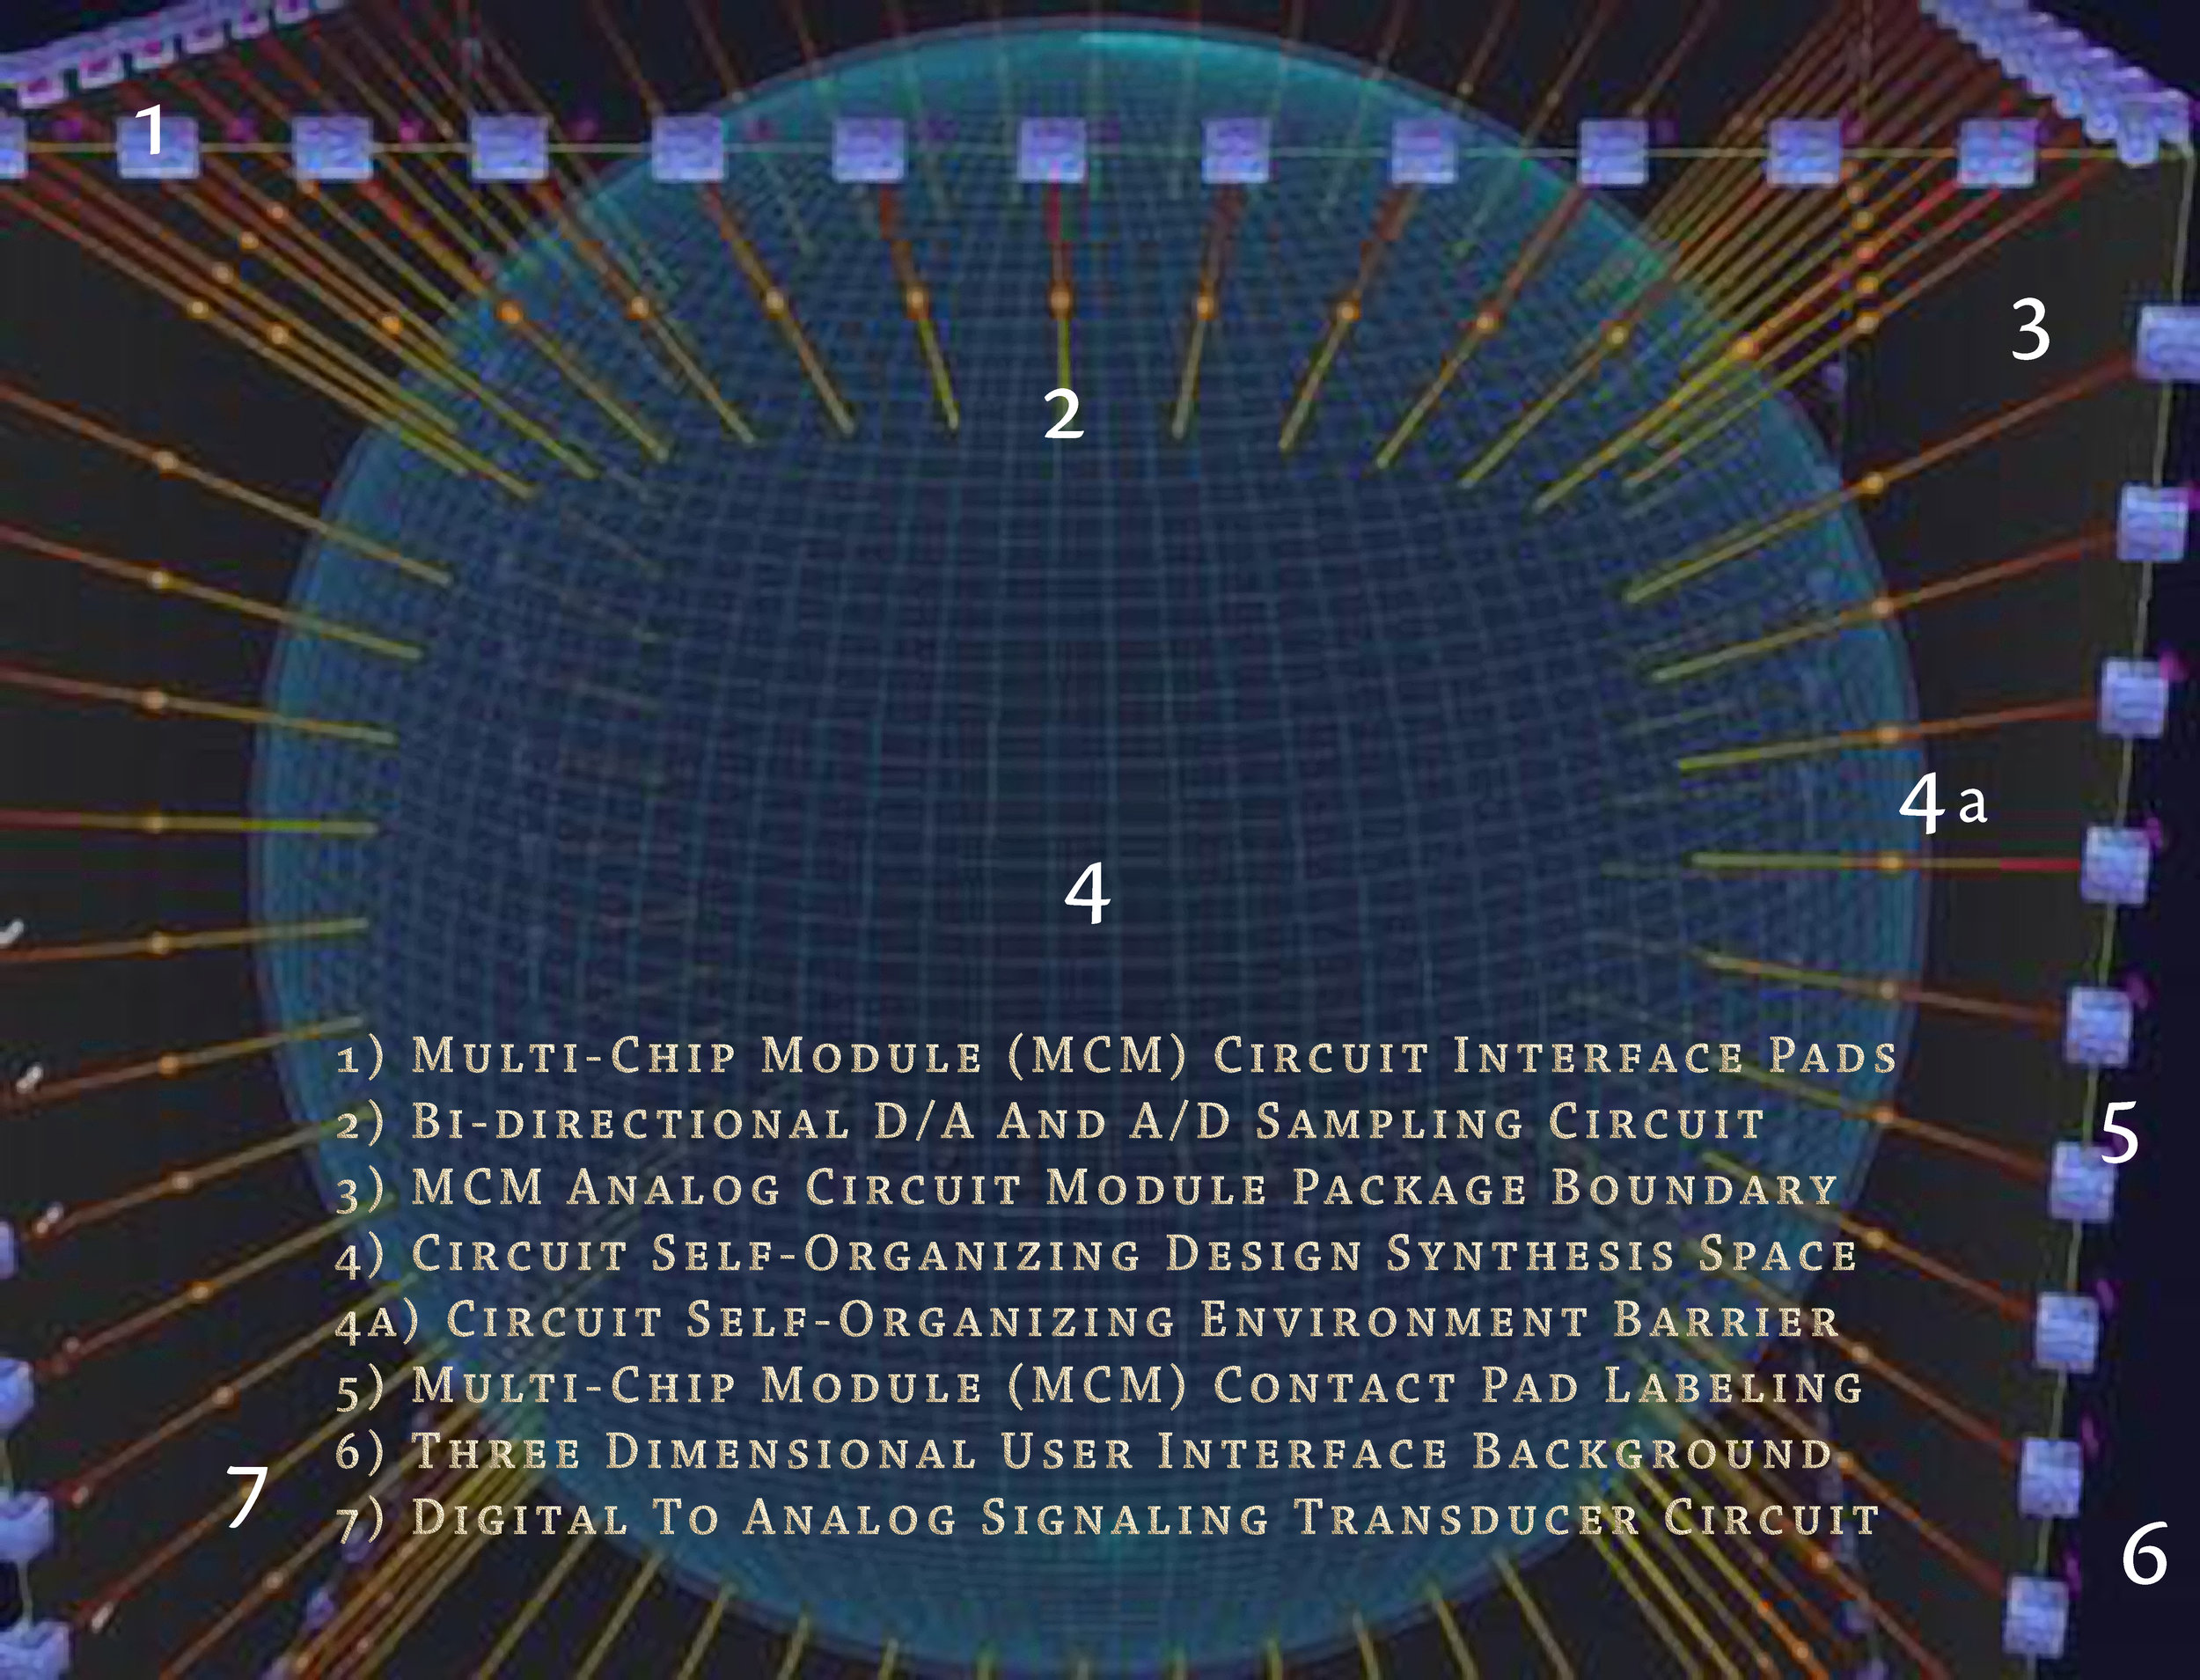 QaiReactorScreenShotLabeledBriefFermionSpectre300.jpg